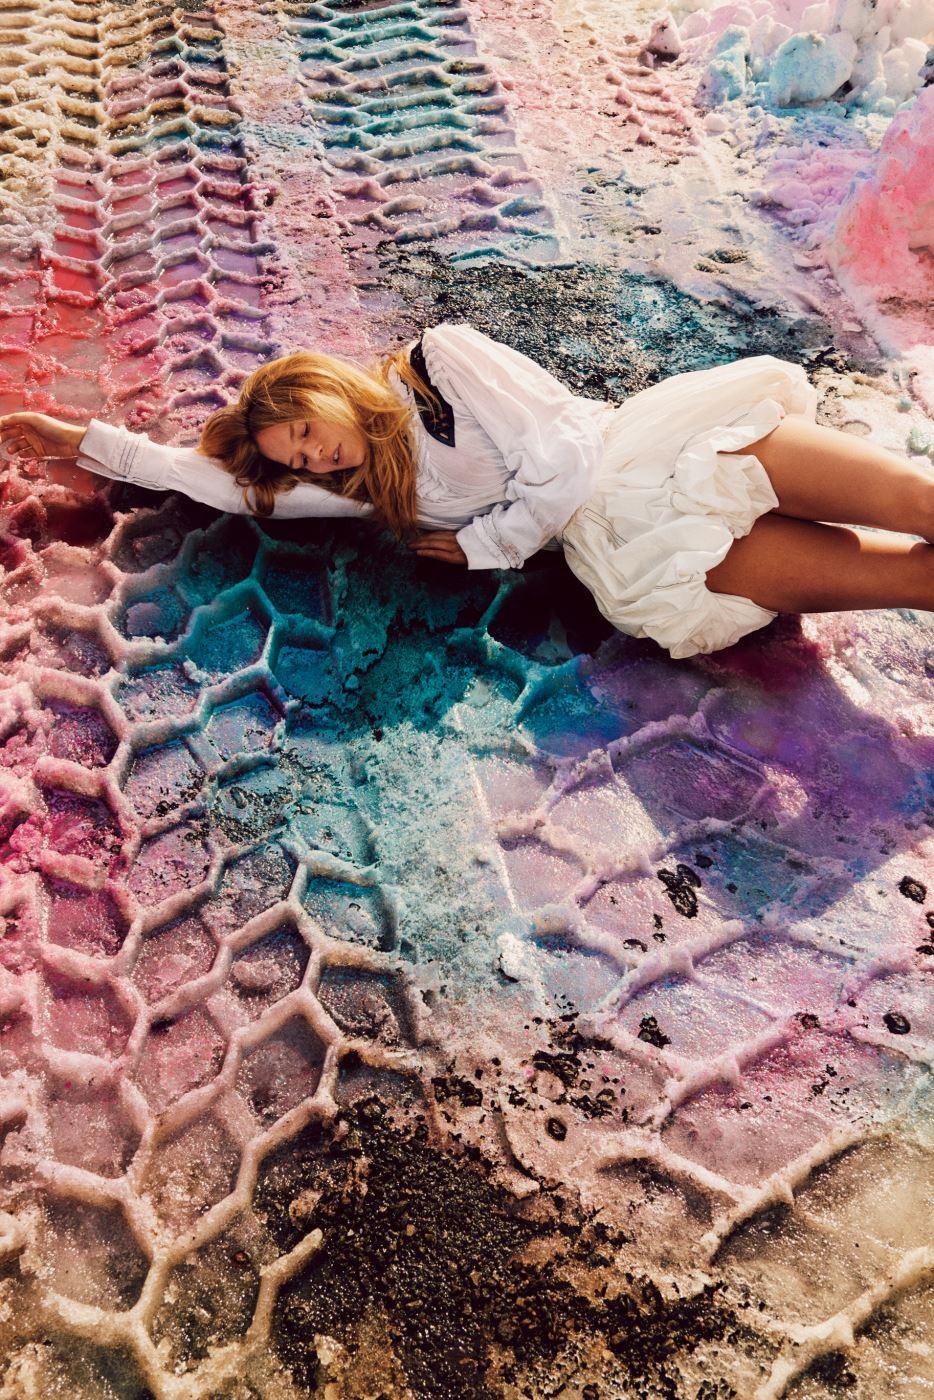 볼륨감 넘치는 러플 장식 드레스는 Louis Vuitton 제품. Beauty note: 라프레리의 셀룰라 스위스 UV 프로텍션 베일 SPF 50으로 자외선을 차단할 것.